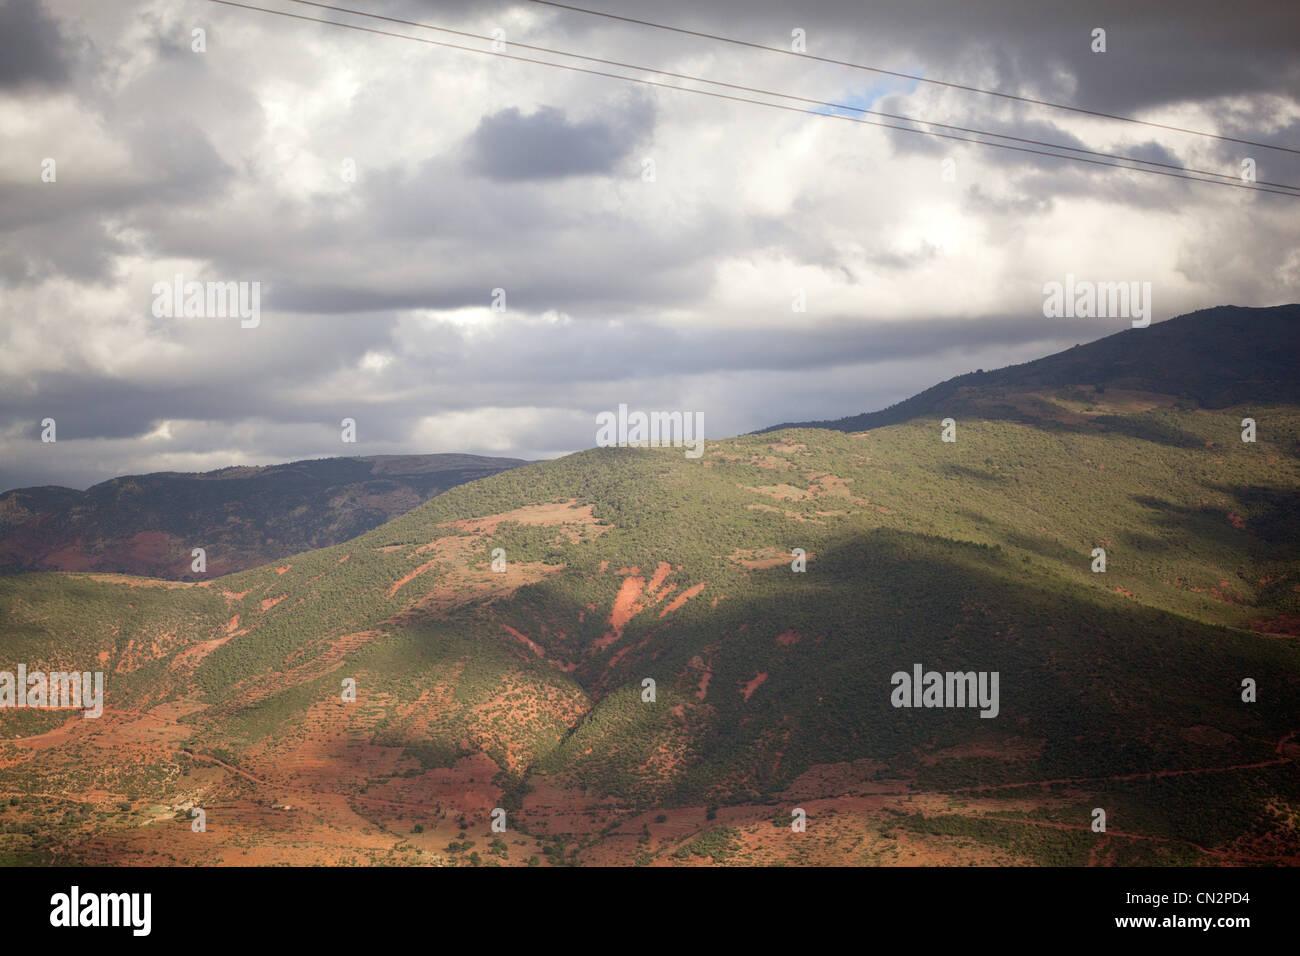 Berg-Landschaft, Marokko, Nordafrika Stockbild